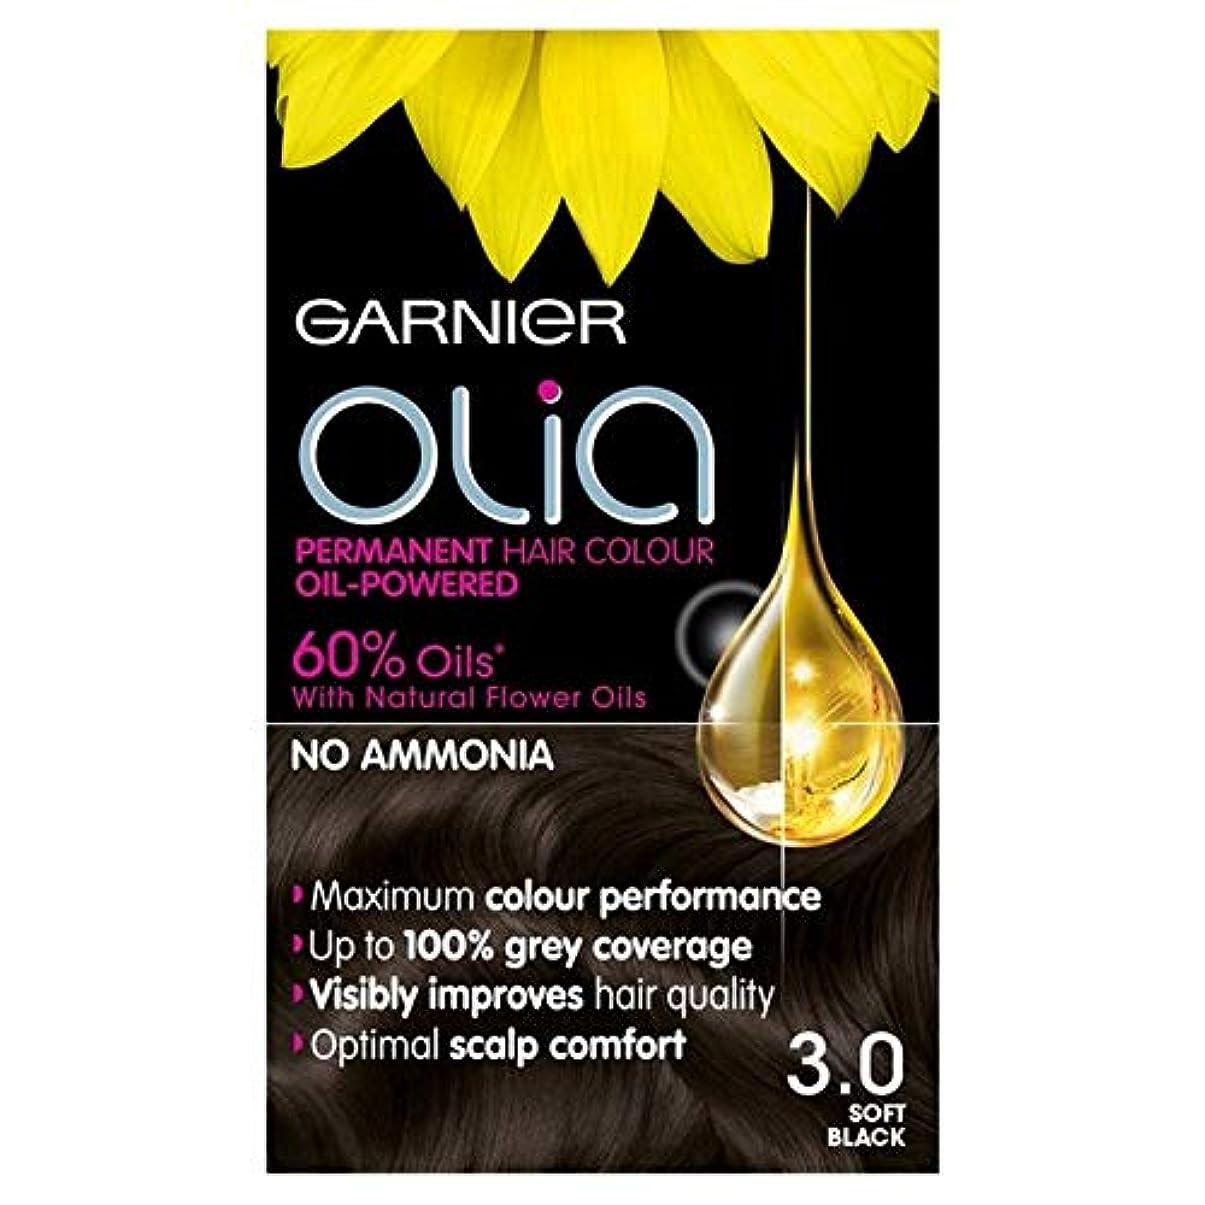 一般的に民族主義エジプト人[Garnier ] 3.0ソフト黒のパーマネントヘアダイOliaガルニエ - Garnier Olia 3.0 Soft Black Permanent Hair Dye [並行輸入品]